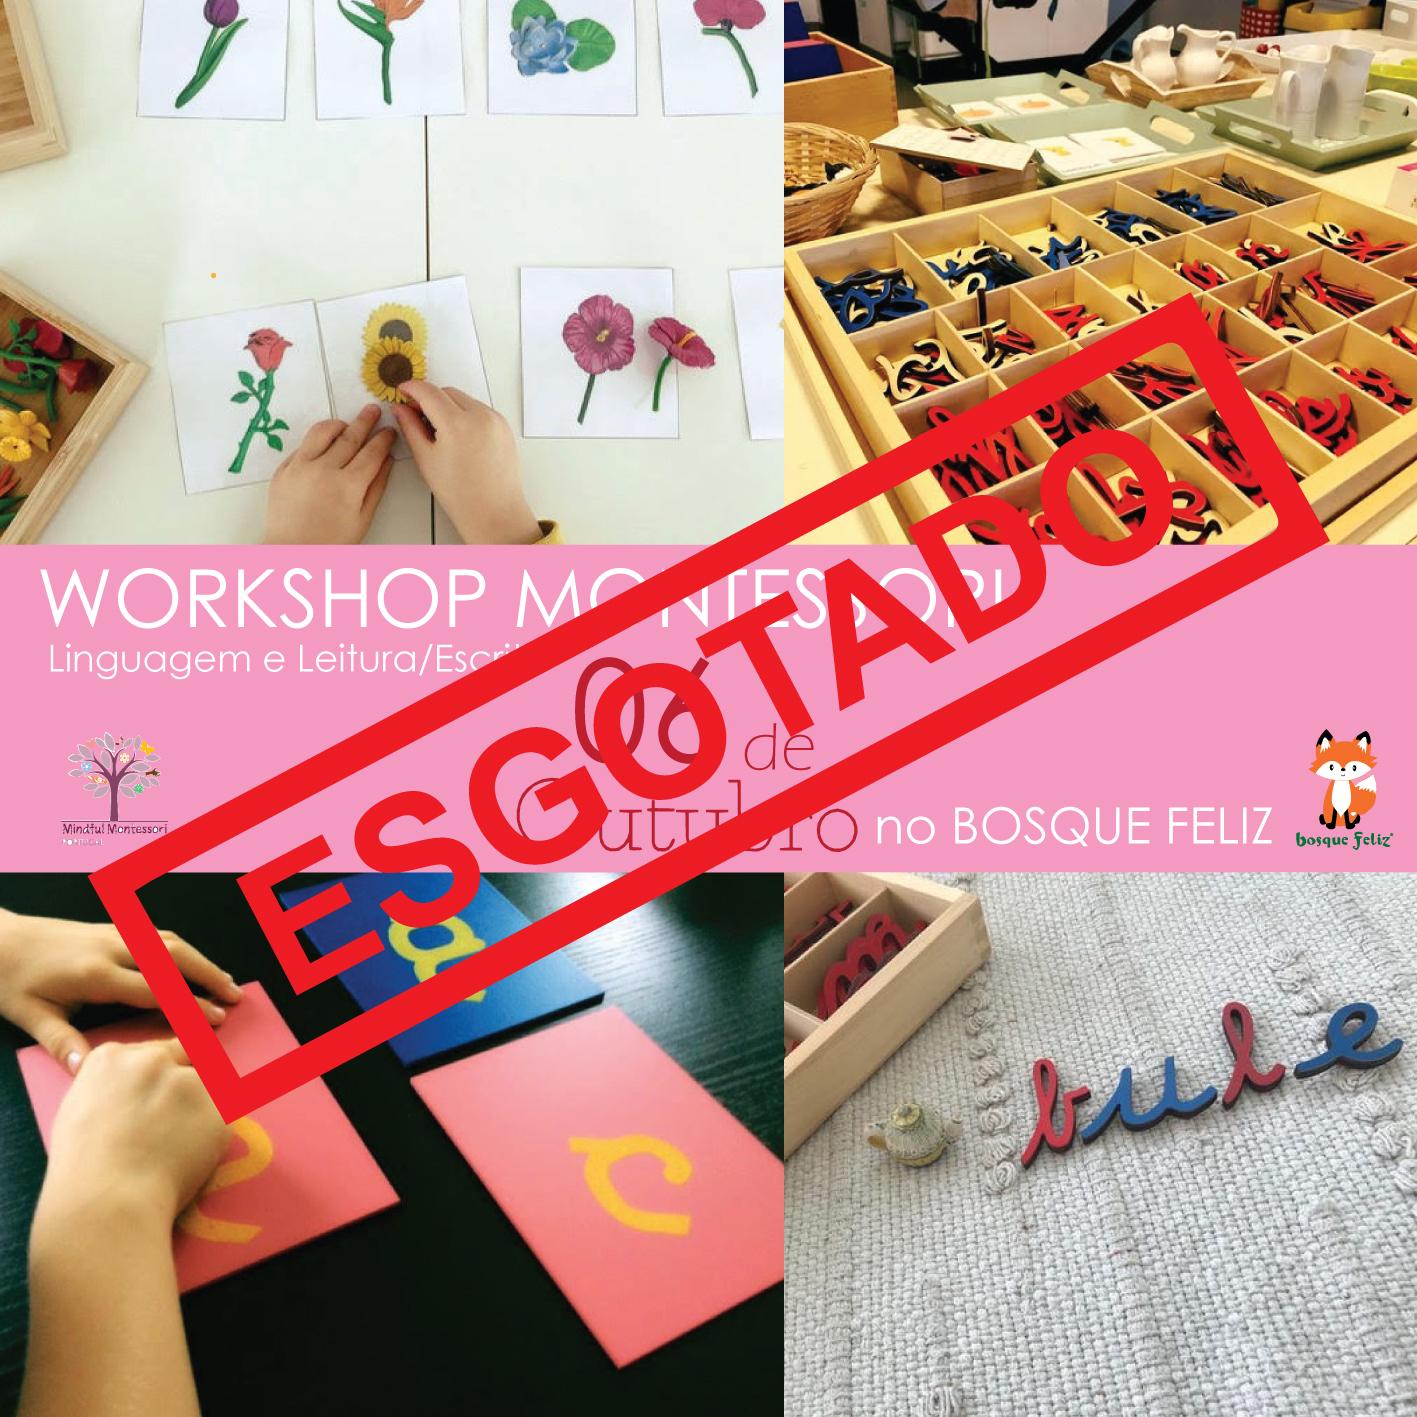 Workshop Linguagem e Aprendizagem da Leitura/Escrita em Montessori  - 06 de Outubro